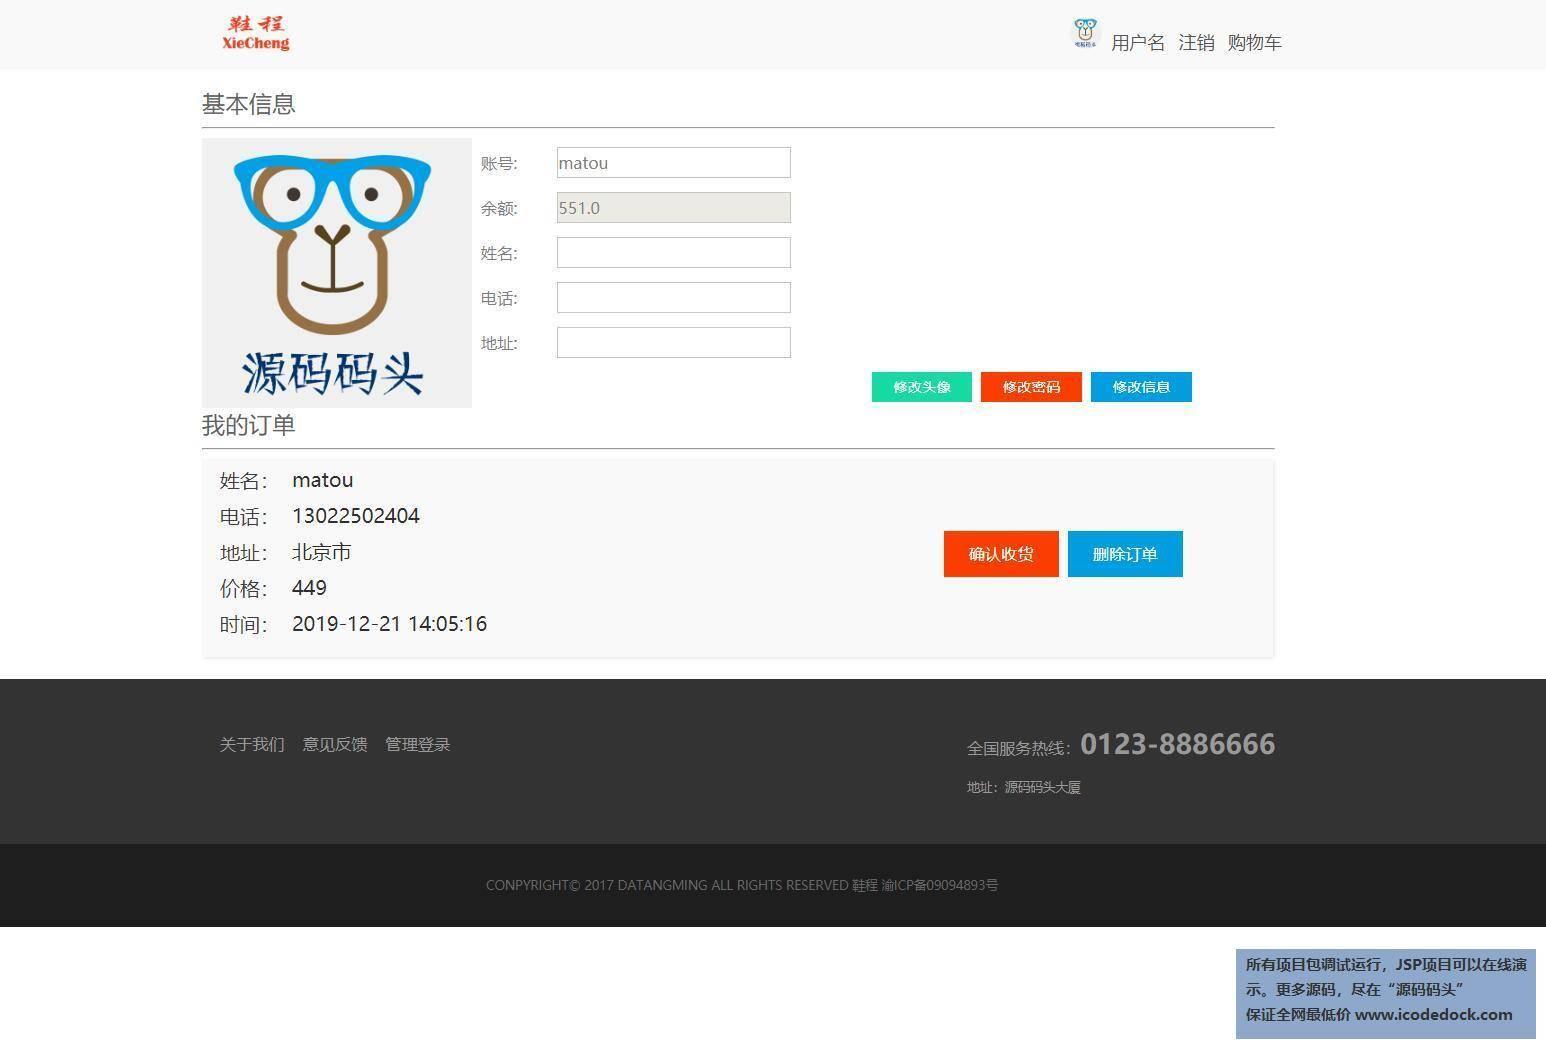 源码码头-JSP鞋子商城销售网站-用户角色-查看我的订单